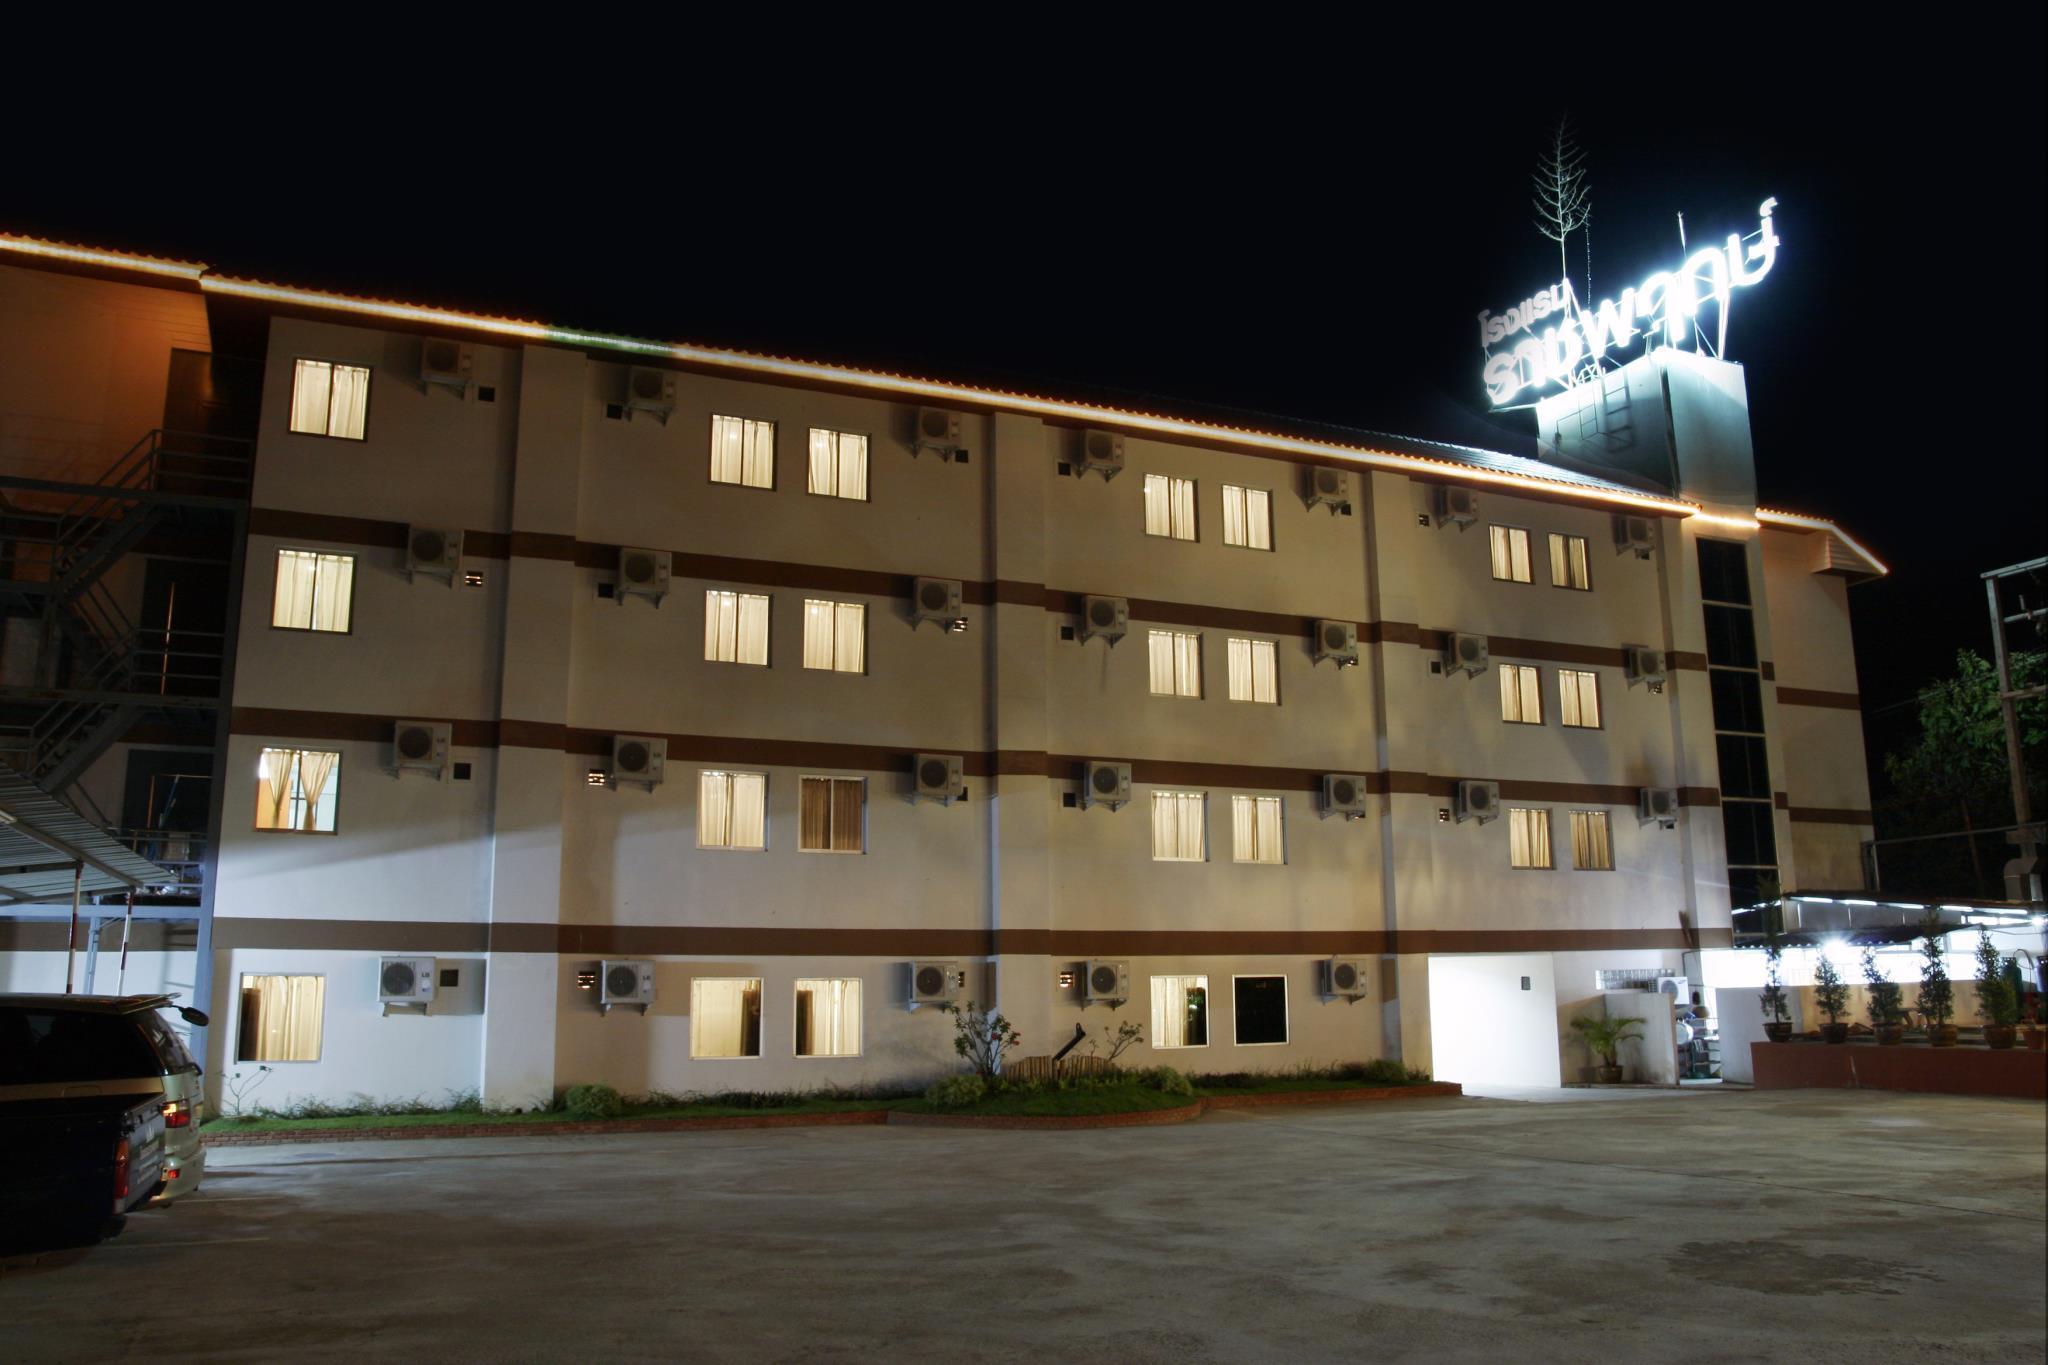 โรงแรมราชพฤกษ์ 2007